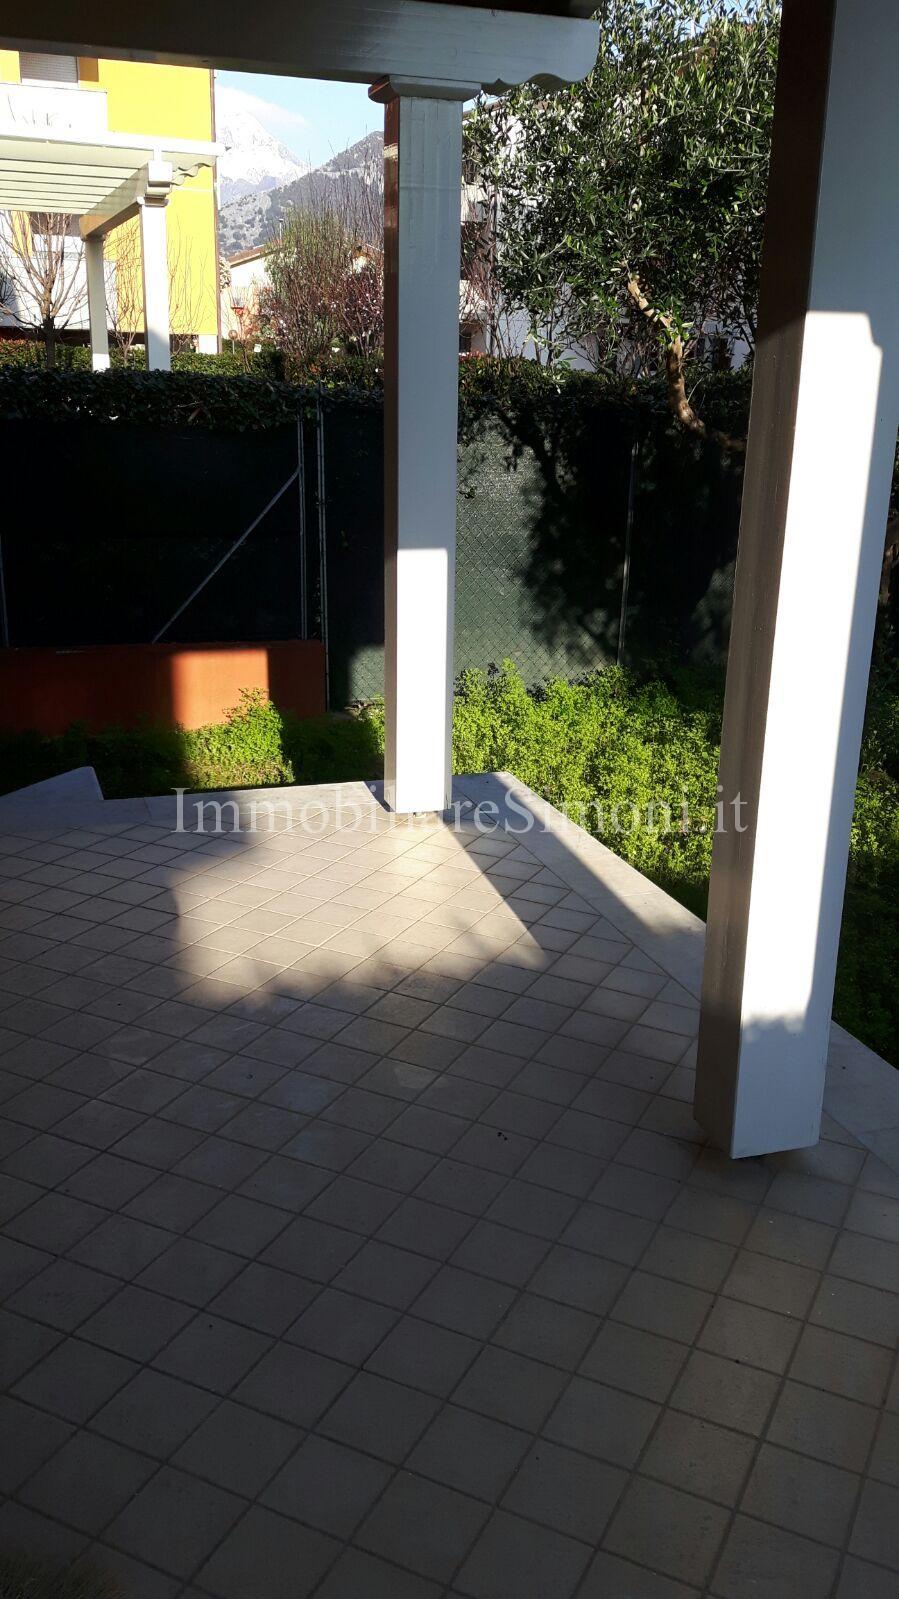 veranda coperta cucina - Immobiliare Simoni